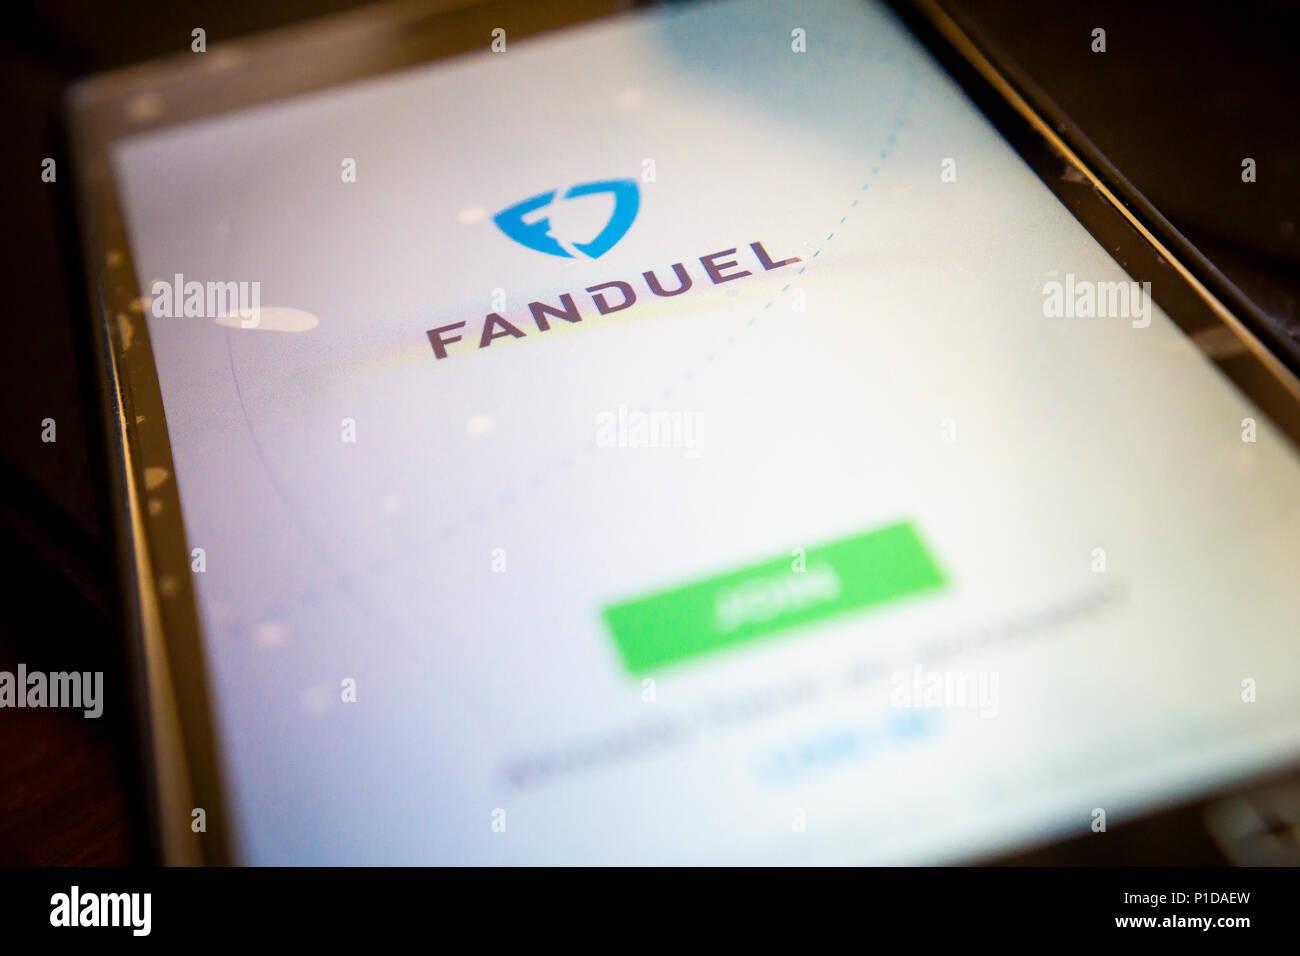 L'application Android de fantasy sports site FanDuel est vu sur un smartphone le Jeudi, Mai 24, 2018. FanDuel a été acquis par le bookmaker irlandais Paddy Power Betfair dans une transaction de 158 millions de dollars. (© Richard B. Levine) Banque D'Images